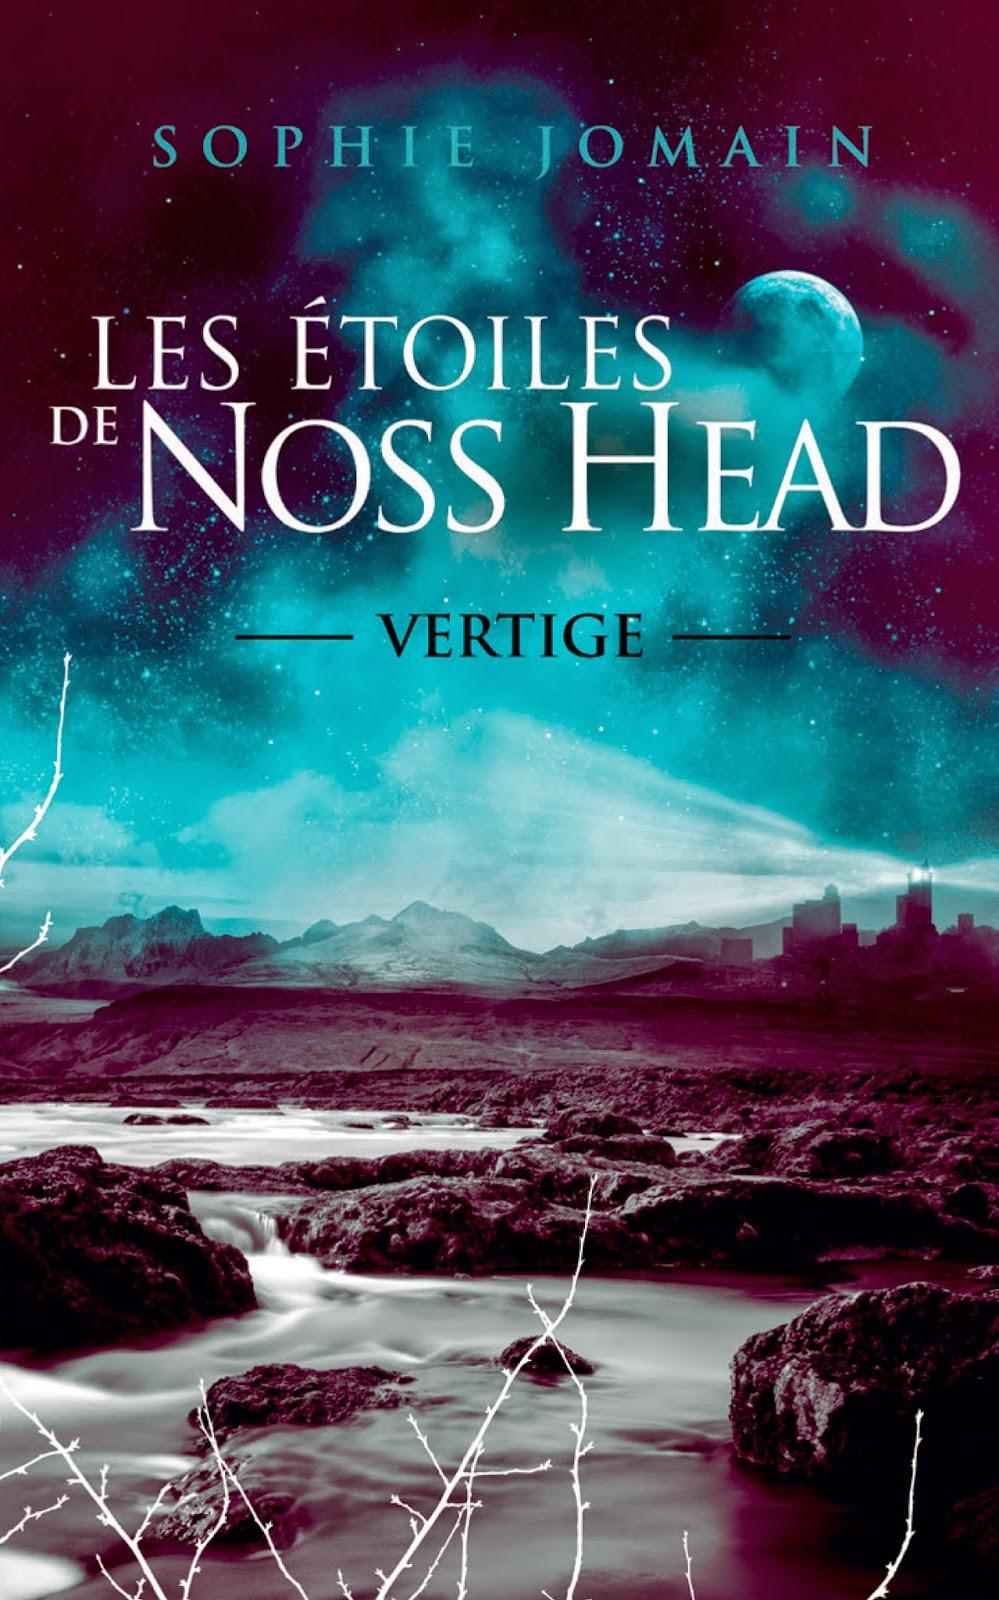 http://lecturesetcie.blogspot.com/2014/09/chronique-vertige-les-etoiles-de-noss.html